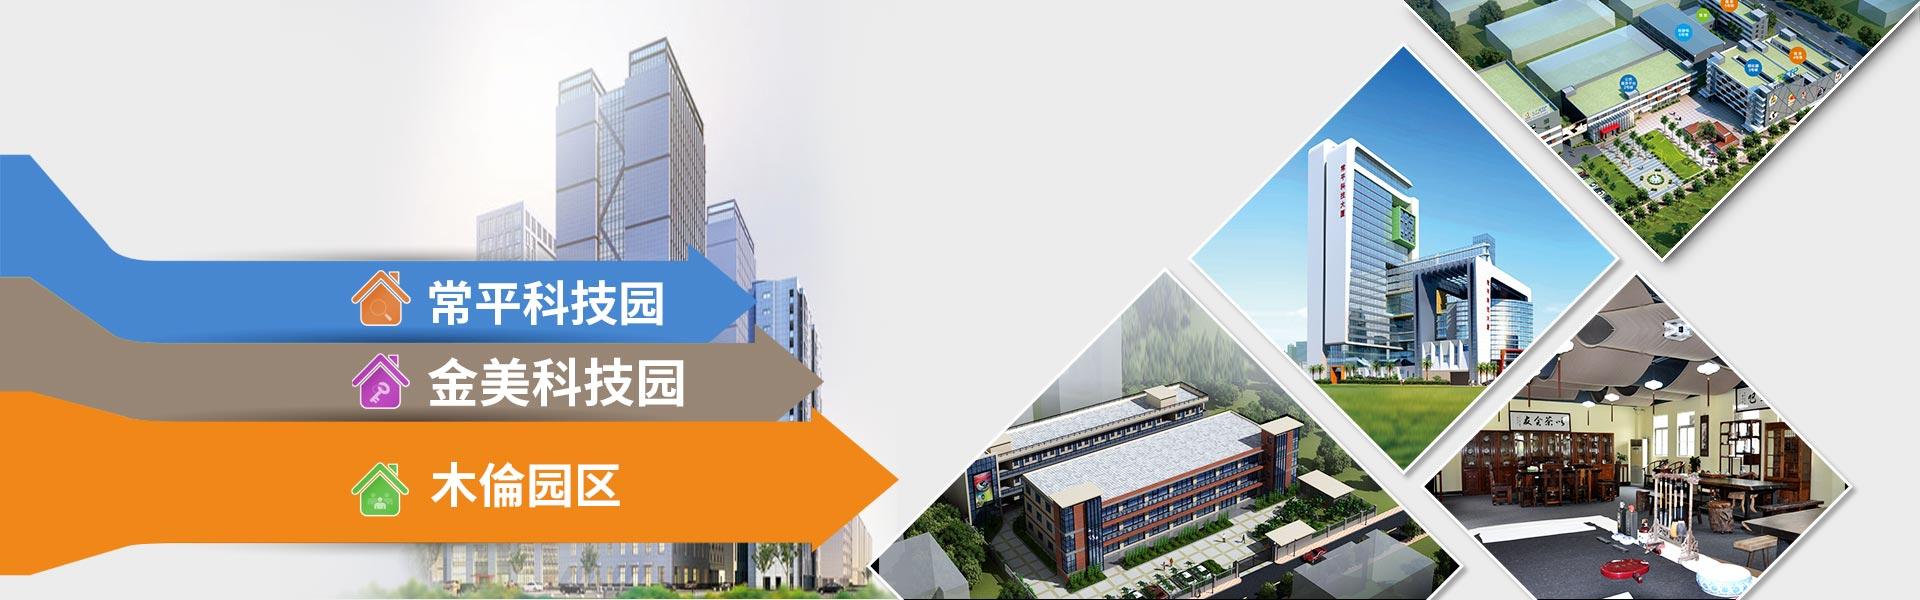 广东东科投资集团有限公司旗下园区